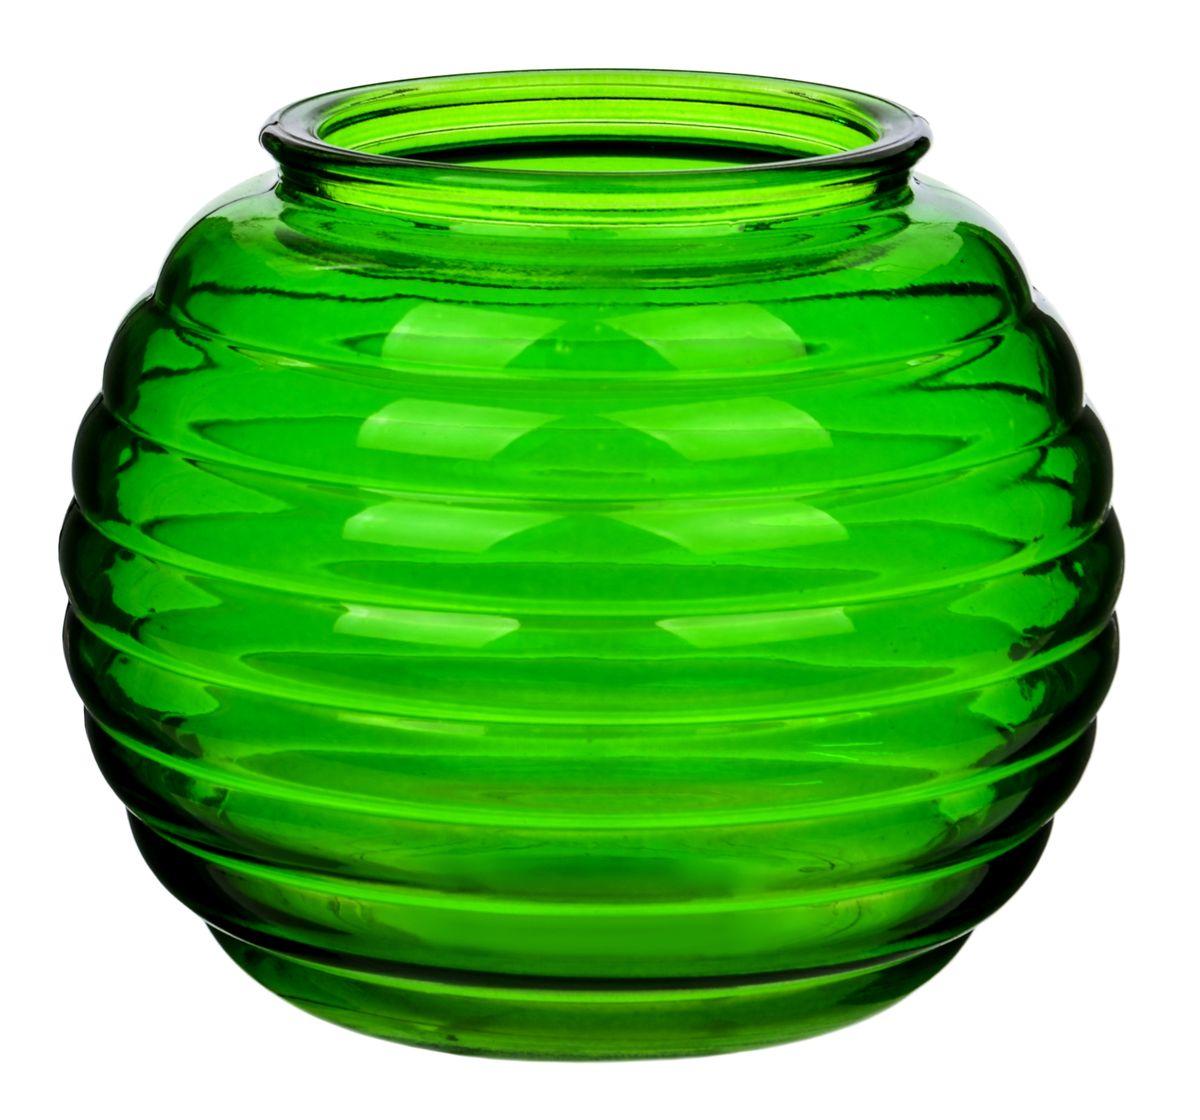 Ваза Nina Glass Зара, цвет: зеленыйNG92-006_зеленыйПосуду нельзя использовать в СВЧ и мыть в ПММ.